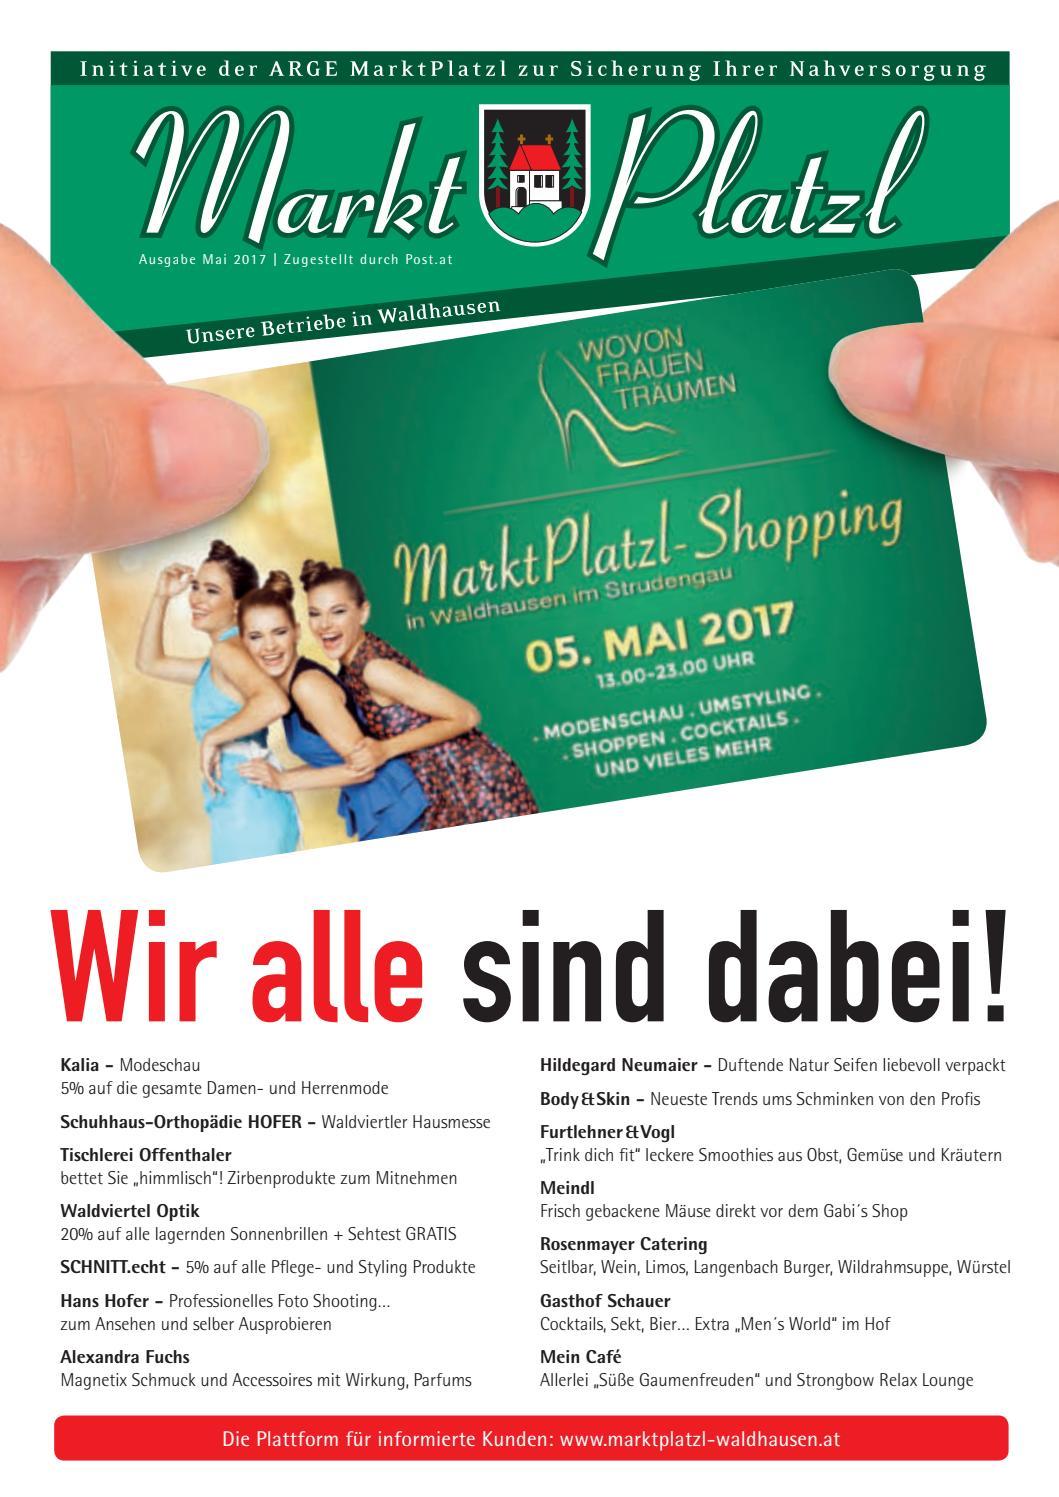 Markt Platzl Waldhausen im Strudengau Frühling 2017 by